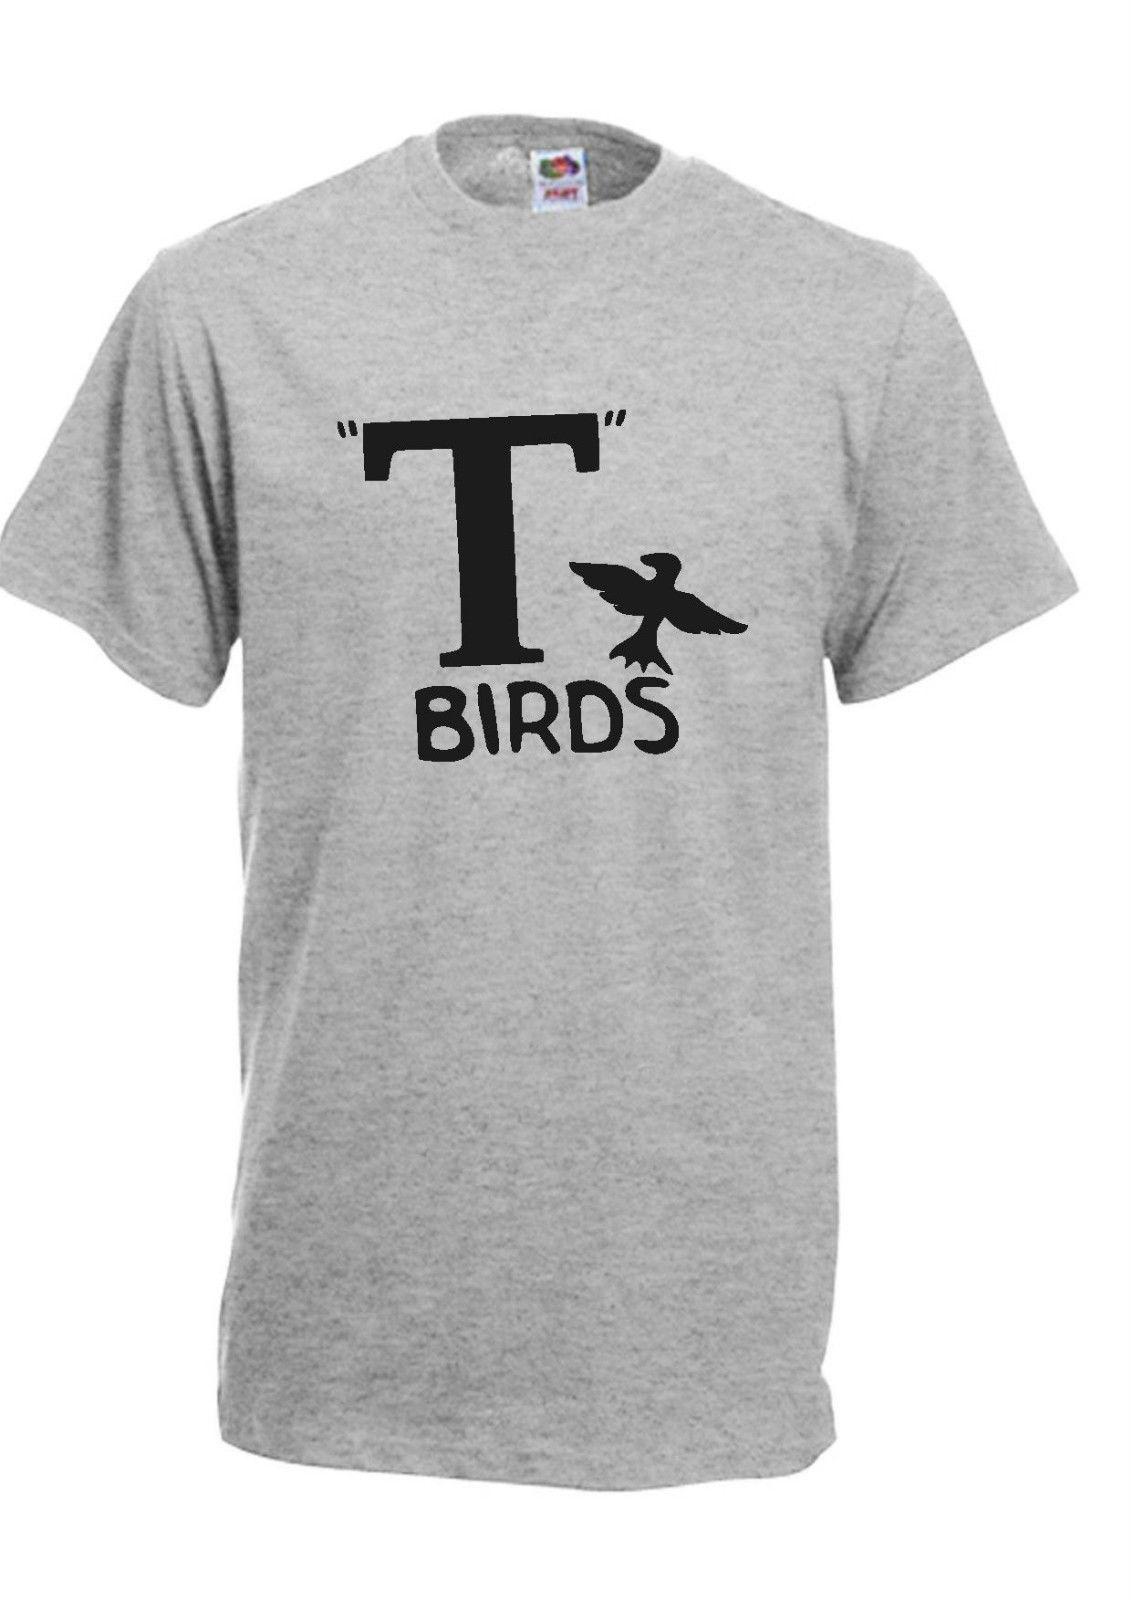 T BIRDS HOODY HOODIE FUNNY GREASE TRAVOLTA FANCY DRESS FASHION JOKE RETRO